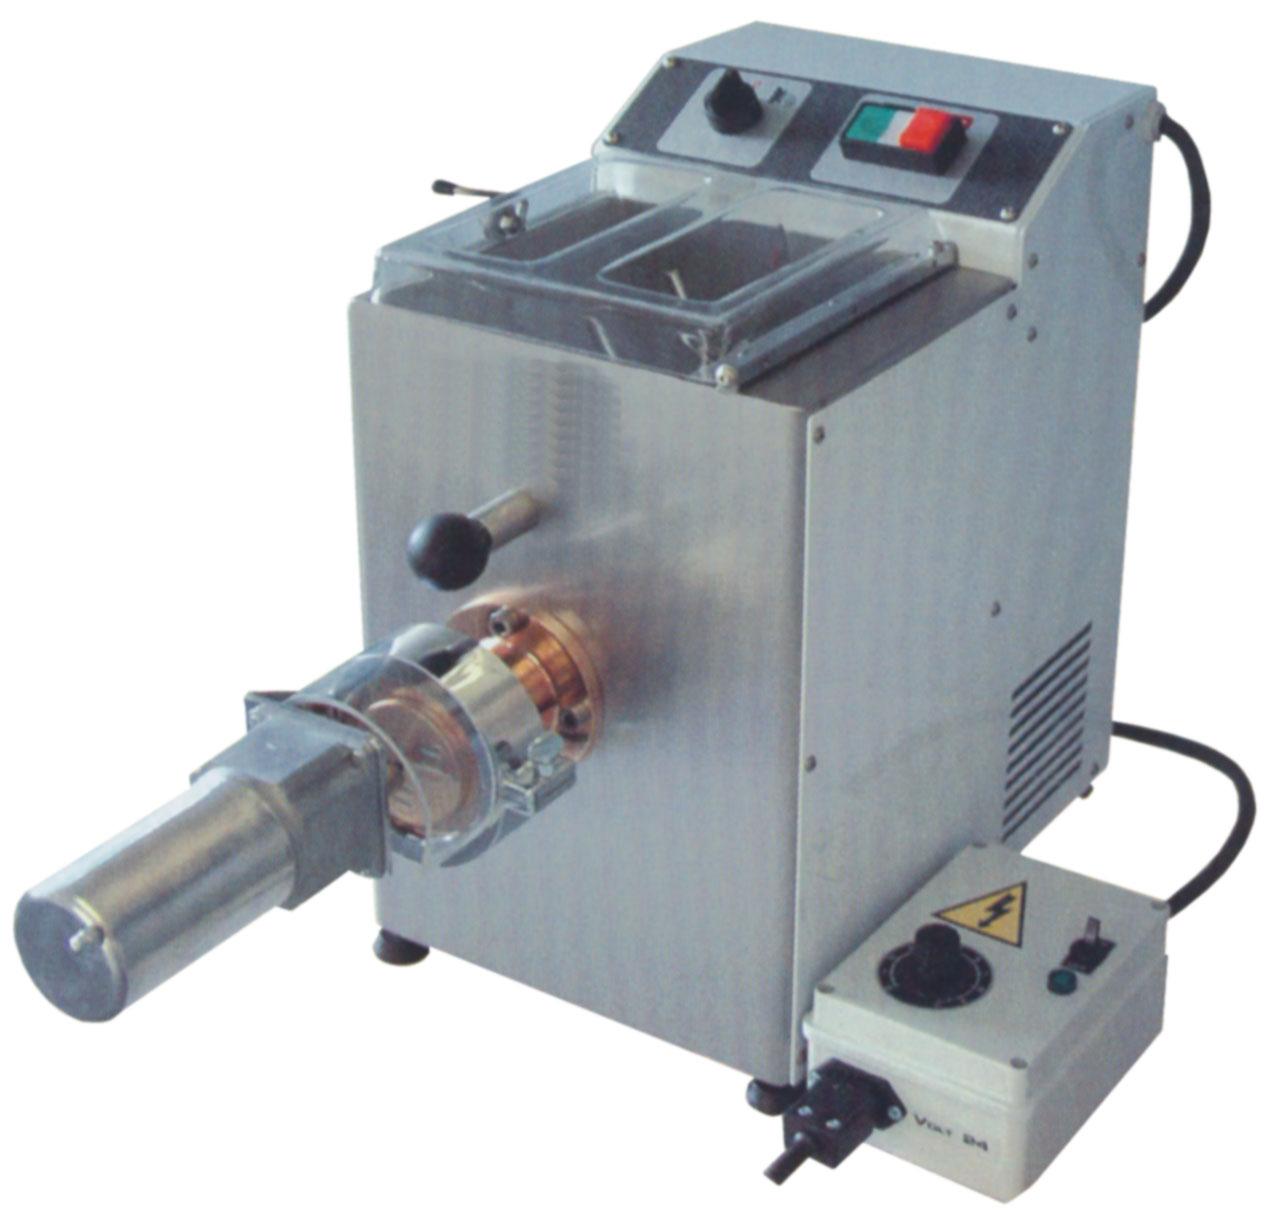 NFG Vorbereitung und Teigwarengeräte Nudelmaschine Pasta Maschine TR70 mit Abschneider TR